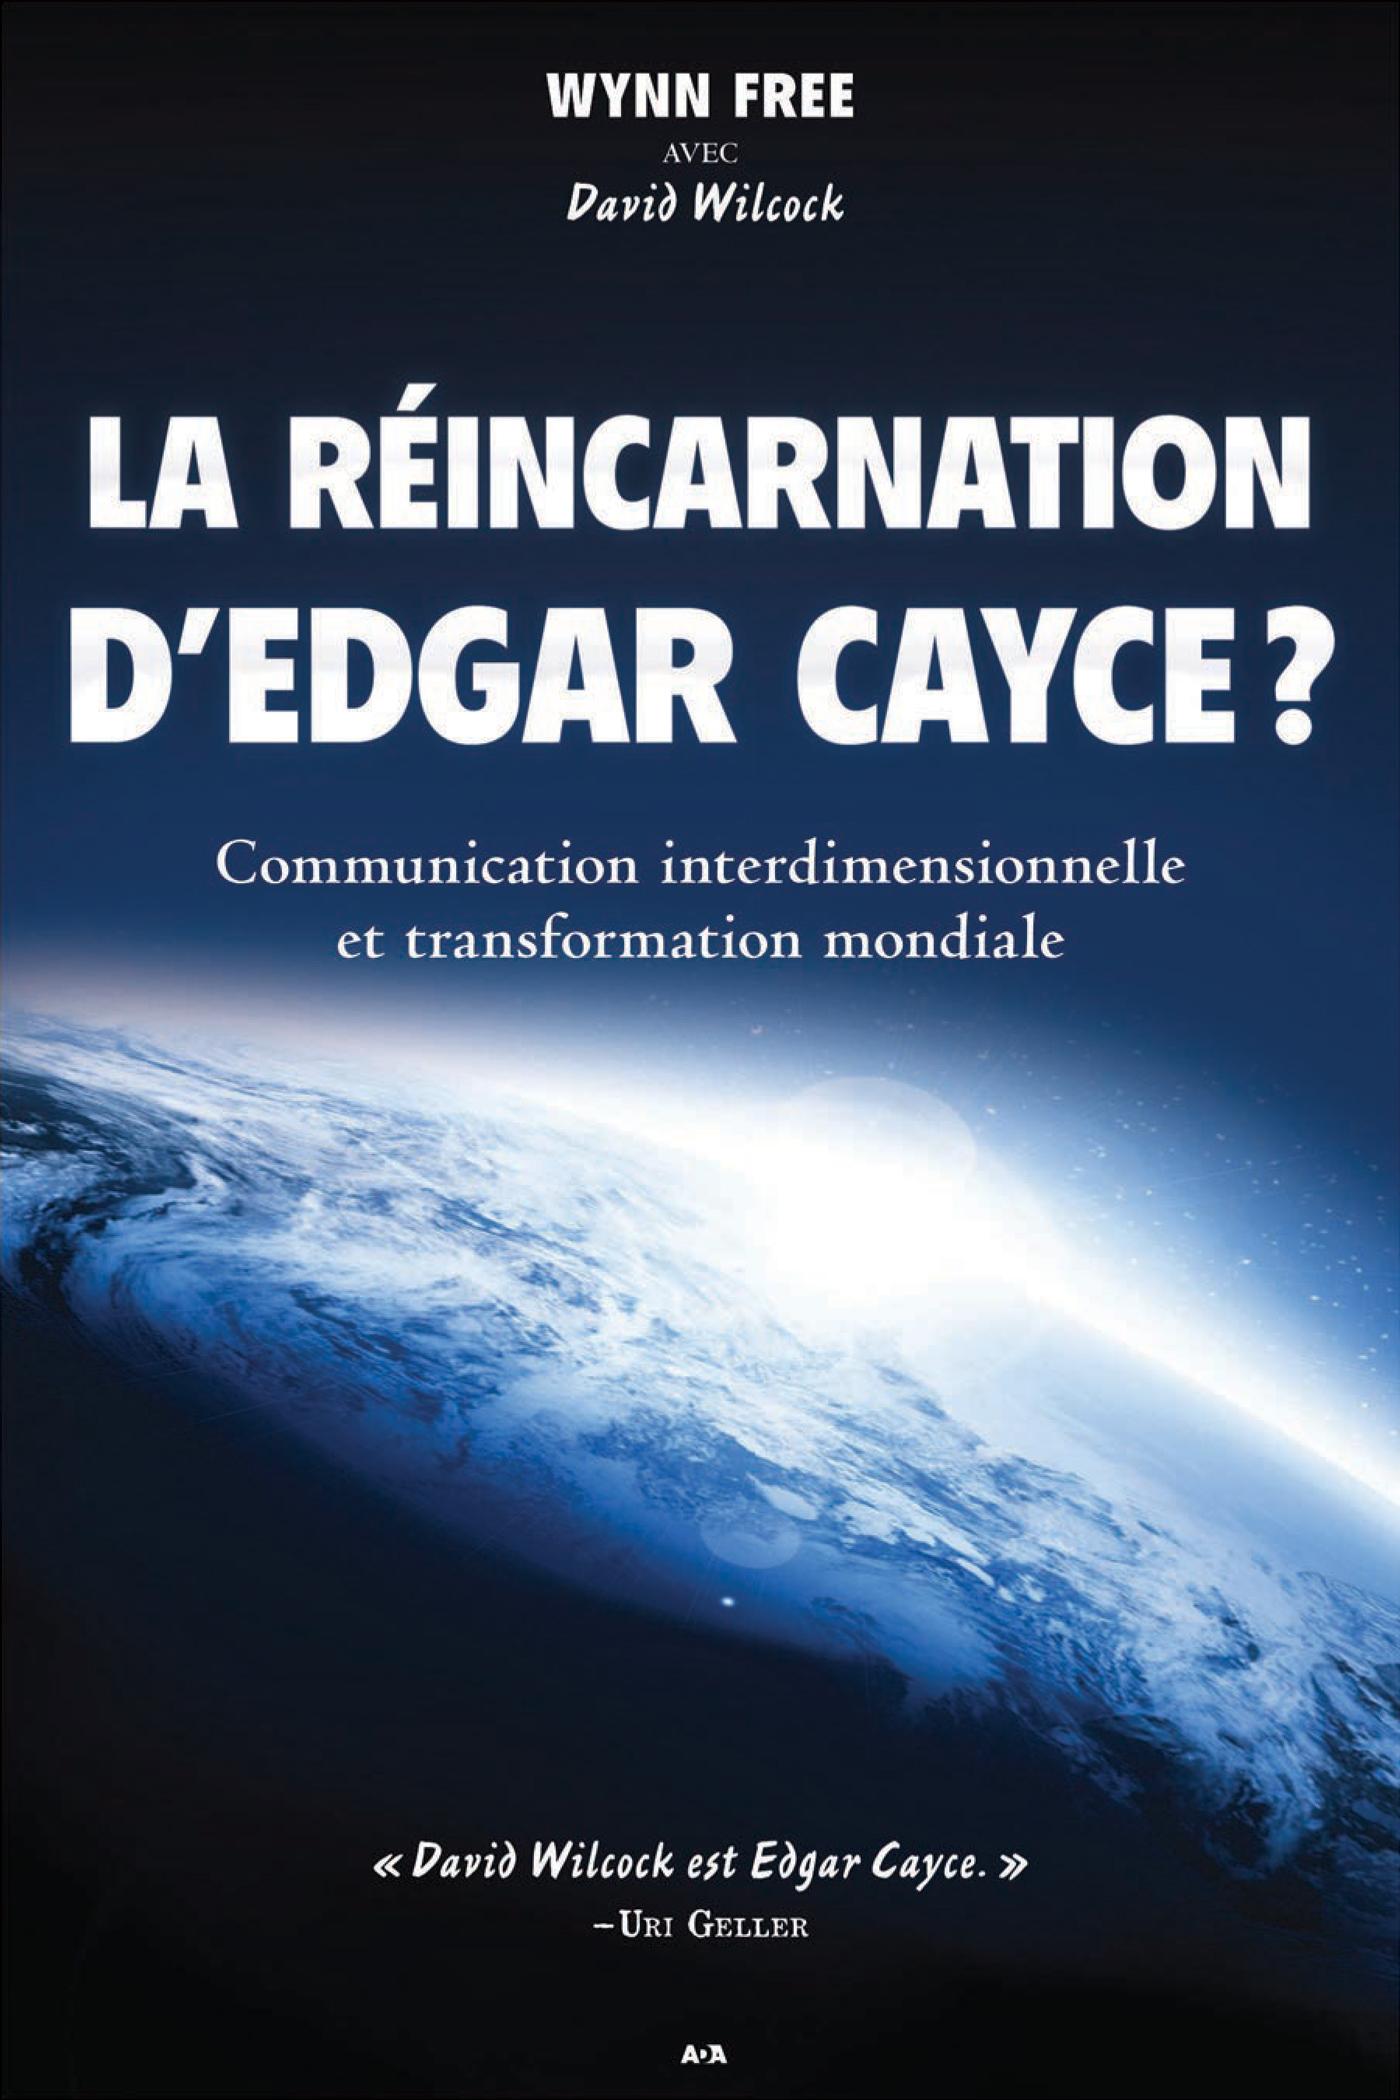 La réincarnation d'Edgar Cayce